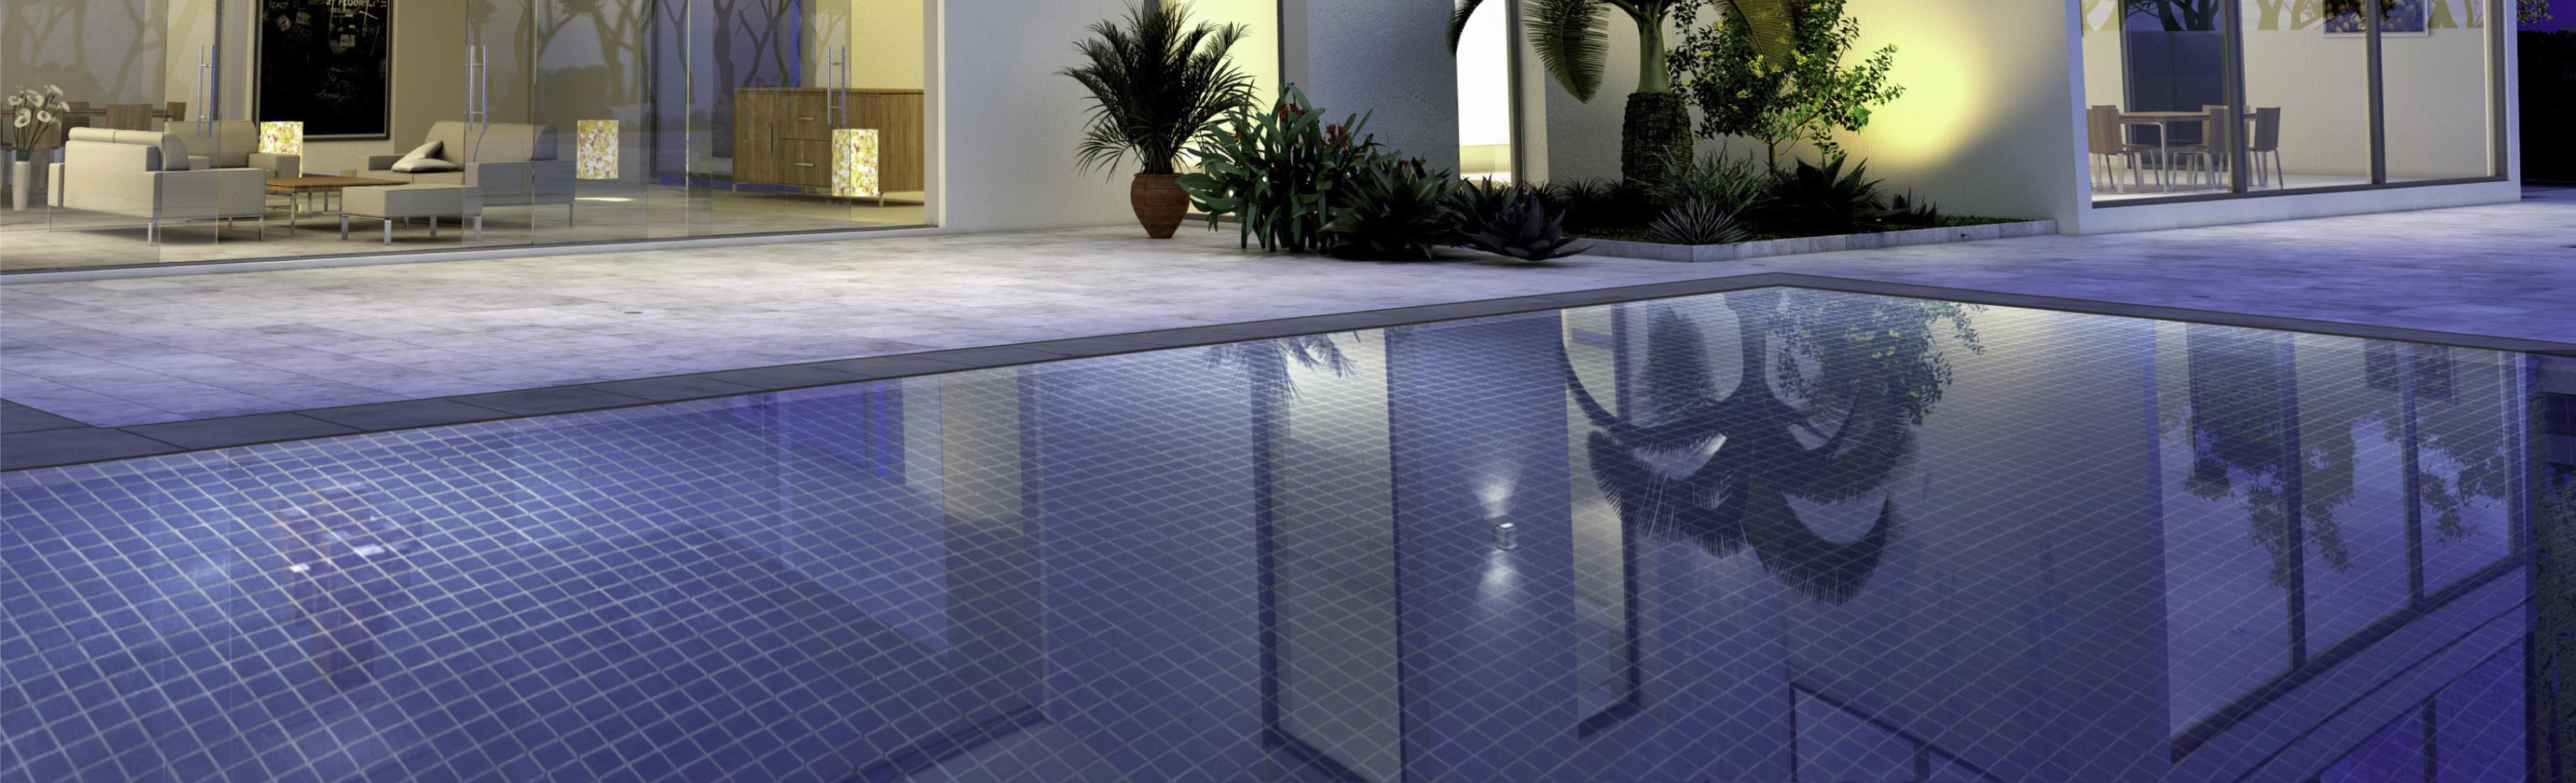 Piscine d bordement piscine miroir piscine effet miroir for Piscine a debordement effet miroir